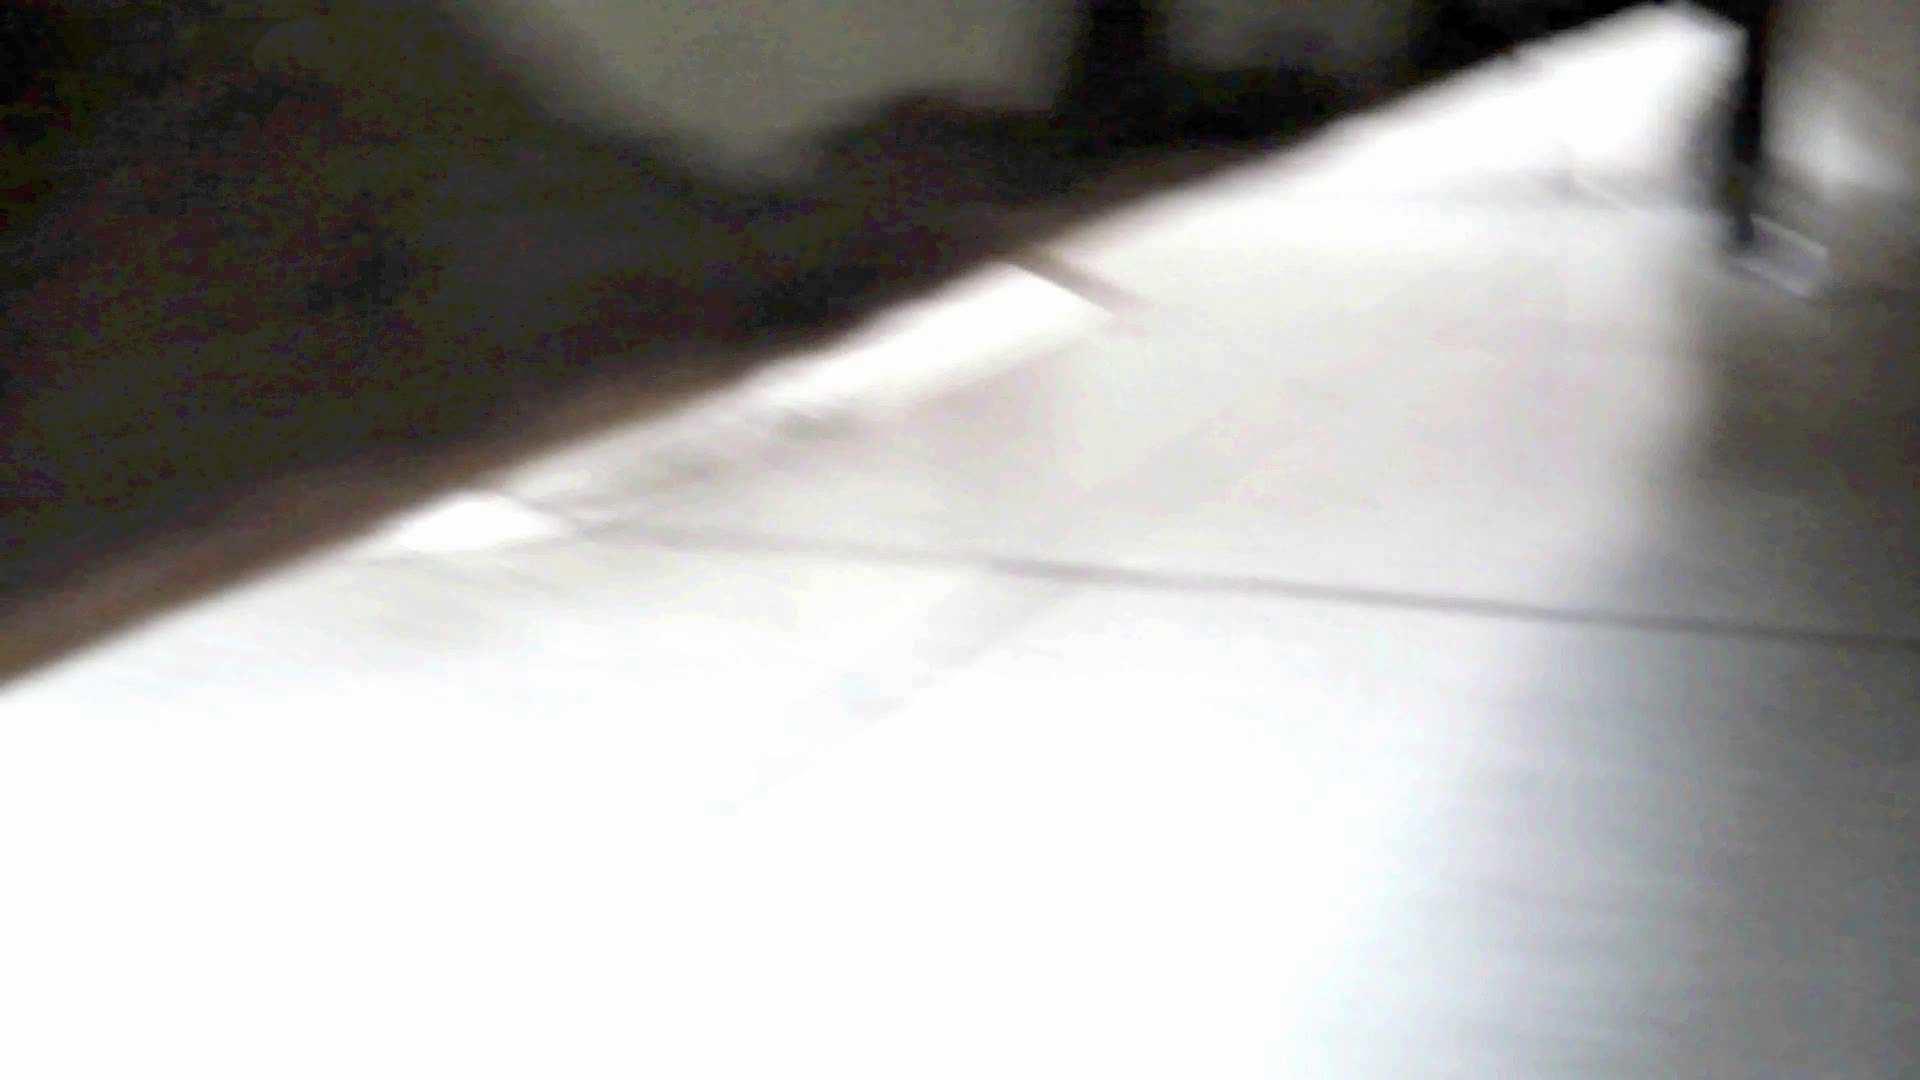 ステーション編 vol.28 無料動画に登場したモデルつい本番登場!! 丸見え  91PIX 1